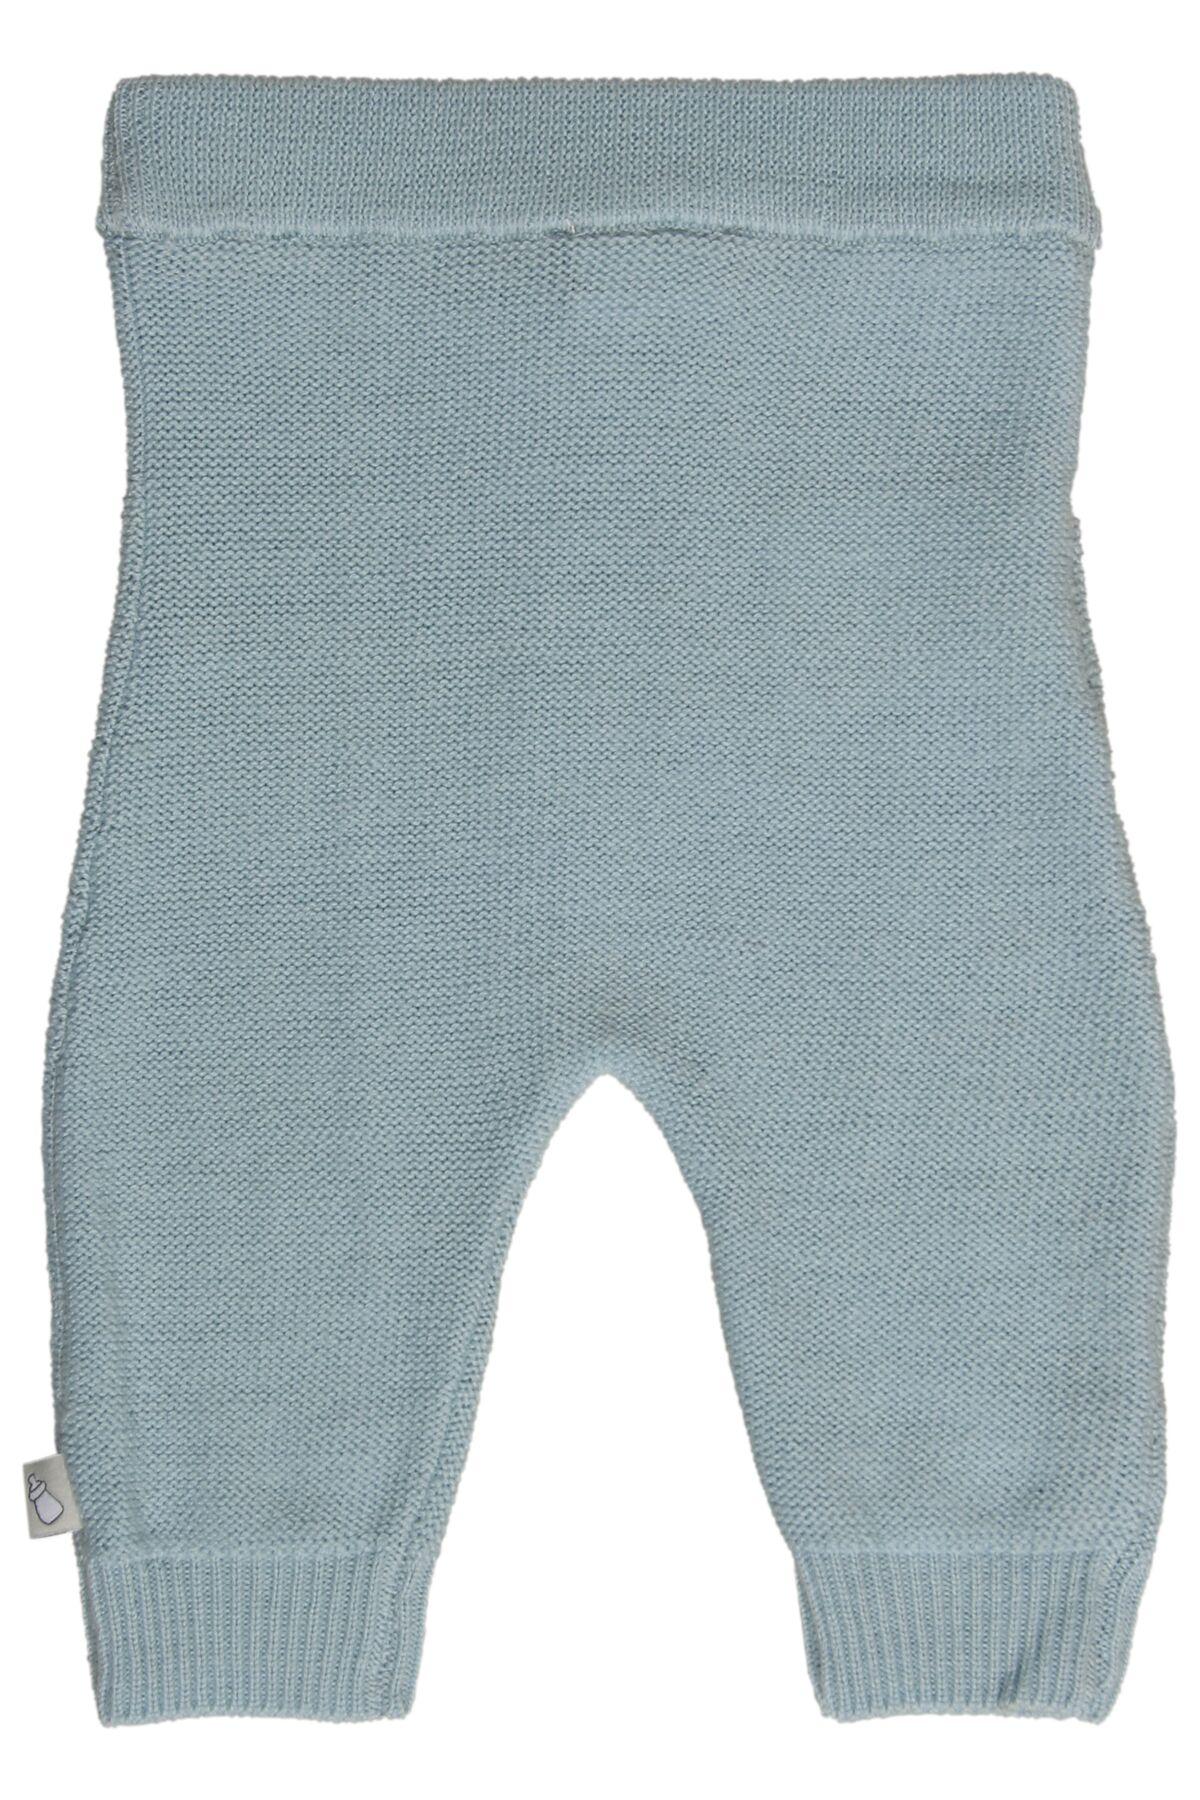 buy popular 01973 897e9 Babyhose aus Merino-Wolle hellblau von Hust&Claire